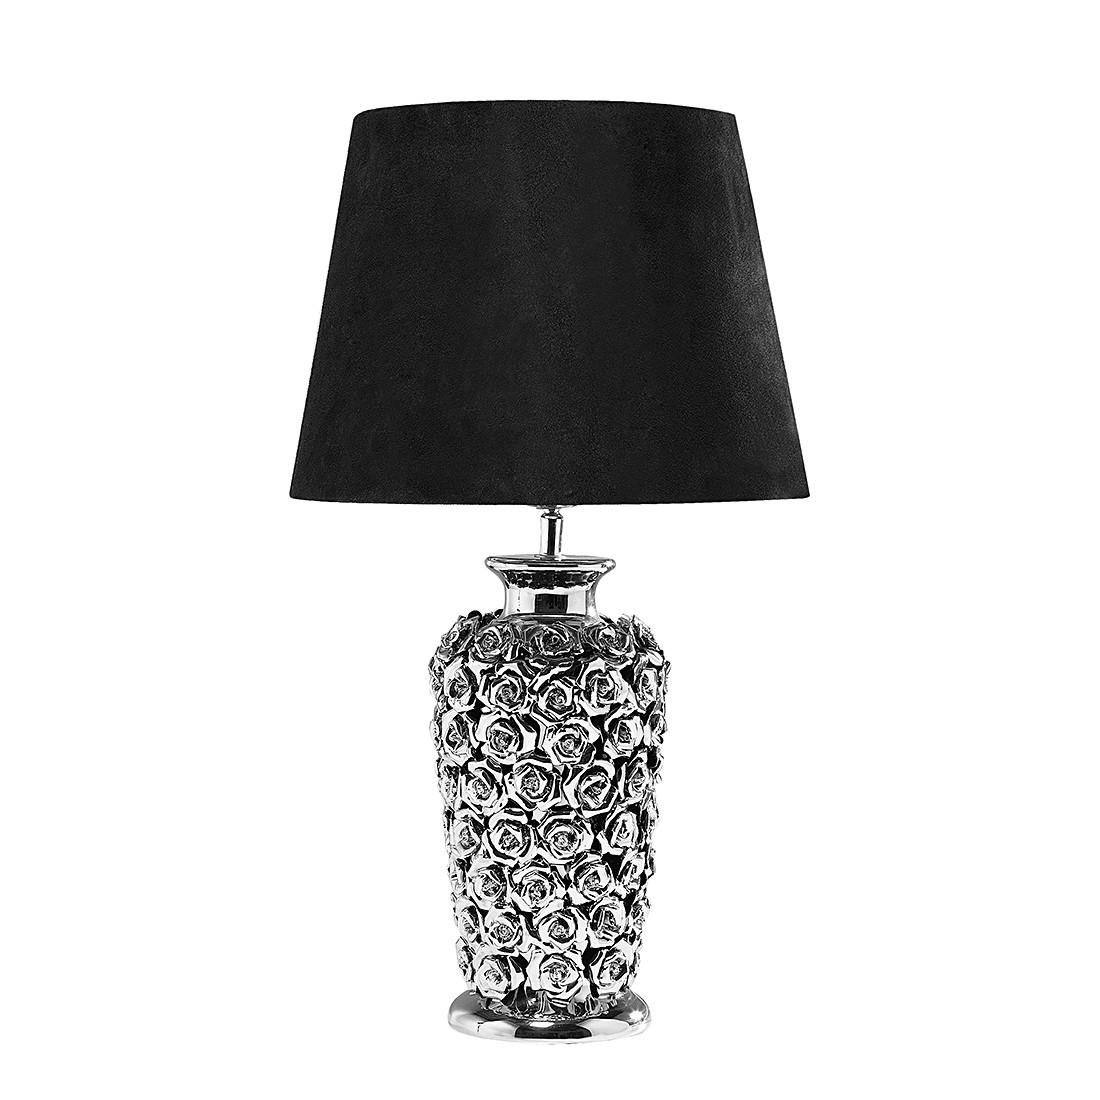 Tischleuchte TL Rose Multi ● Stein/Stoff ● 1-flammig- Kare Design A++